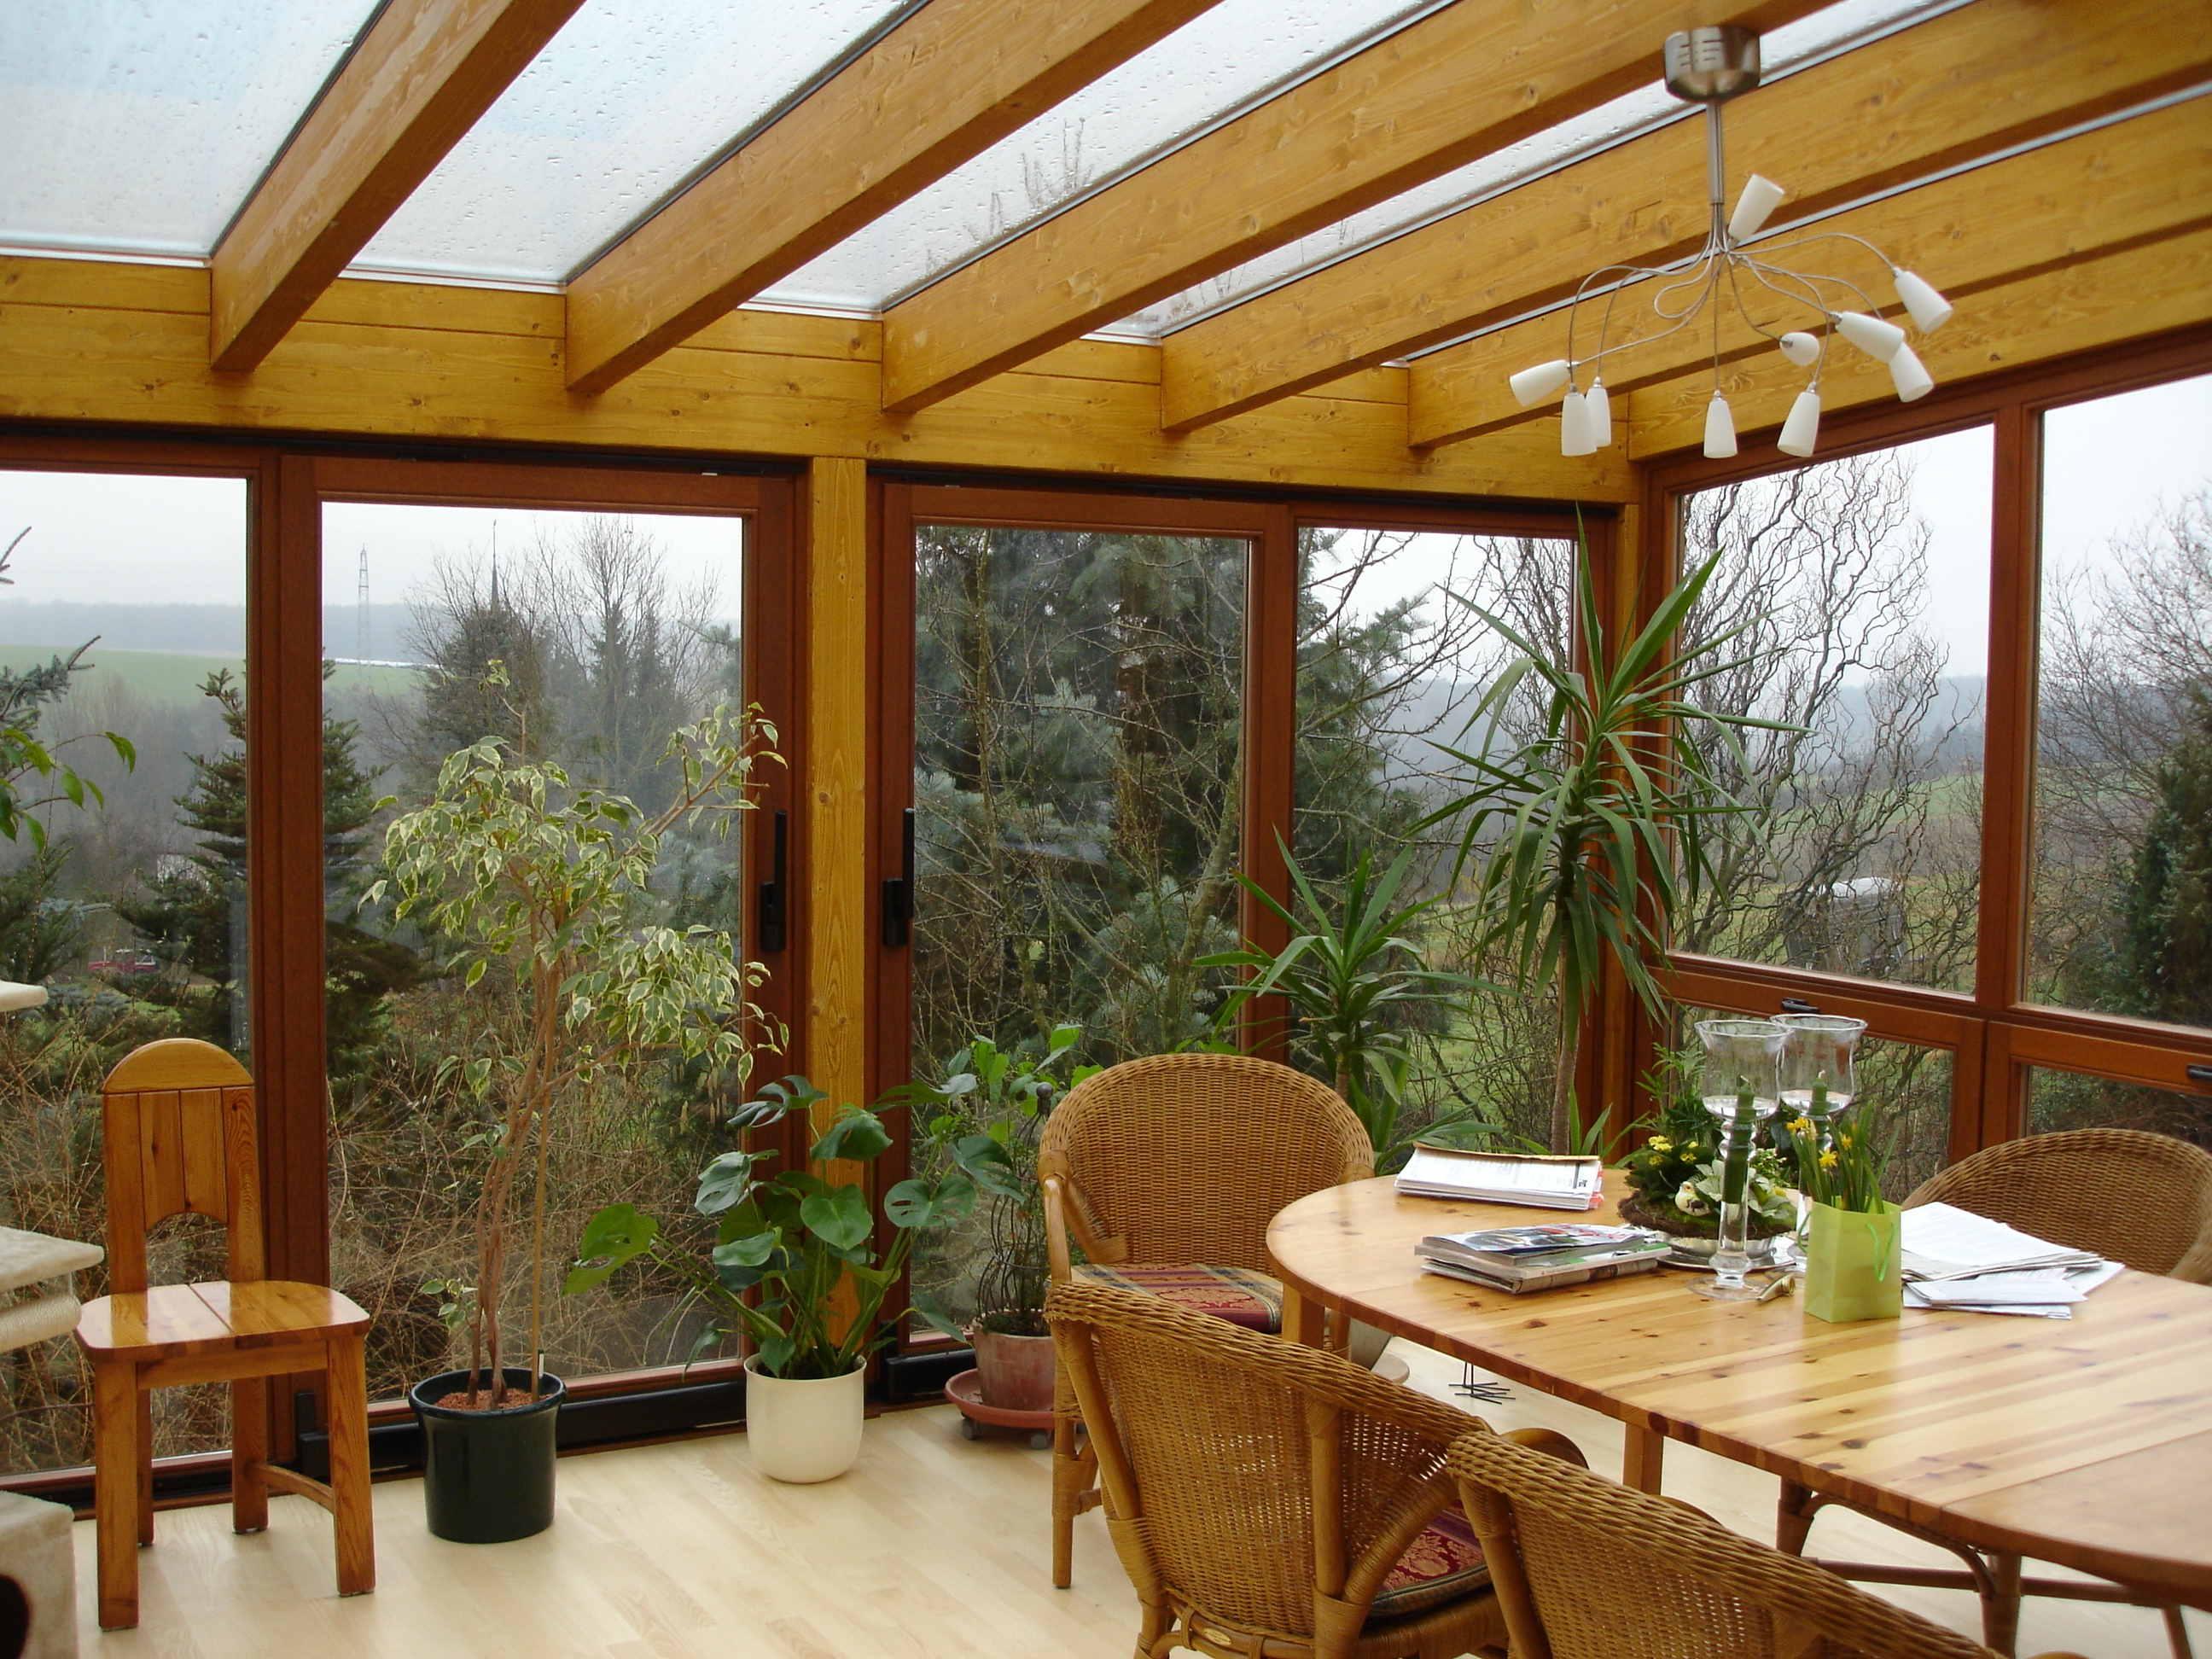 wintergartenbau holzbau wagner gmbh zimmerei schreinerei fensterbau holz fertigbau. Black Bedroom Furniture Sets. Home Design Ideas